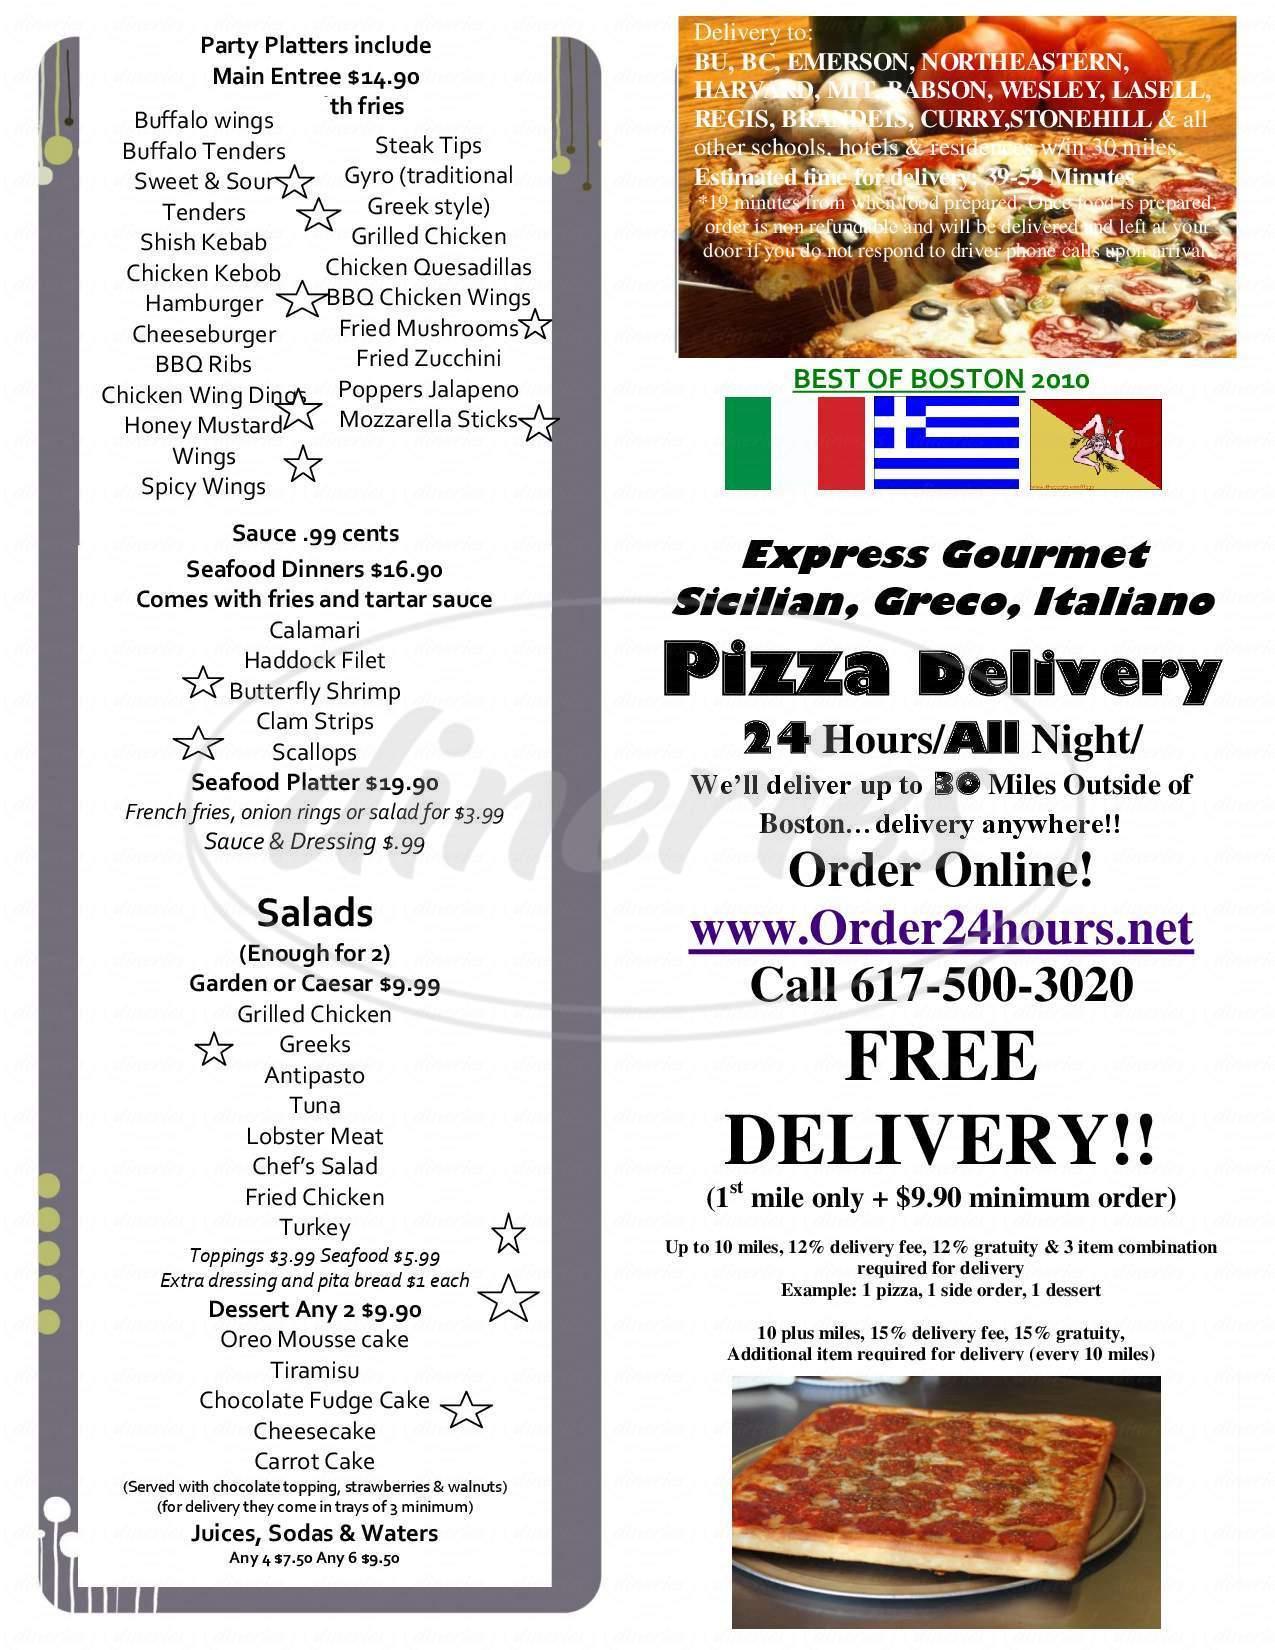 menu for Regal Cafe Pizzeria